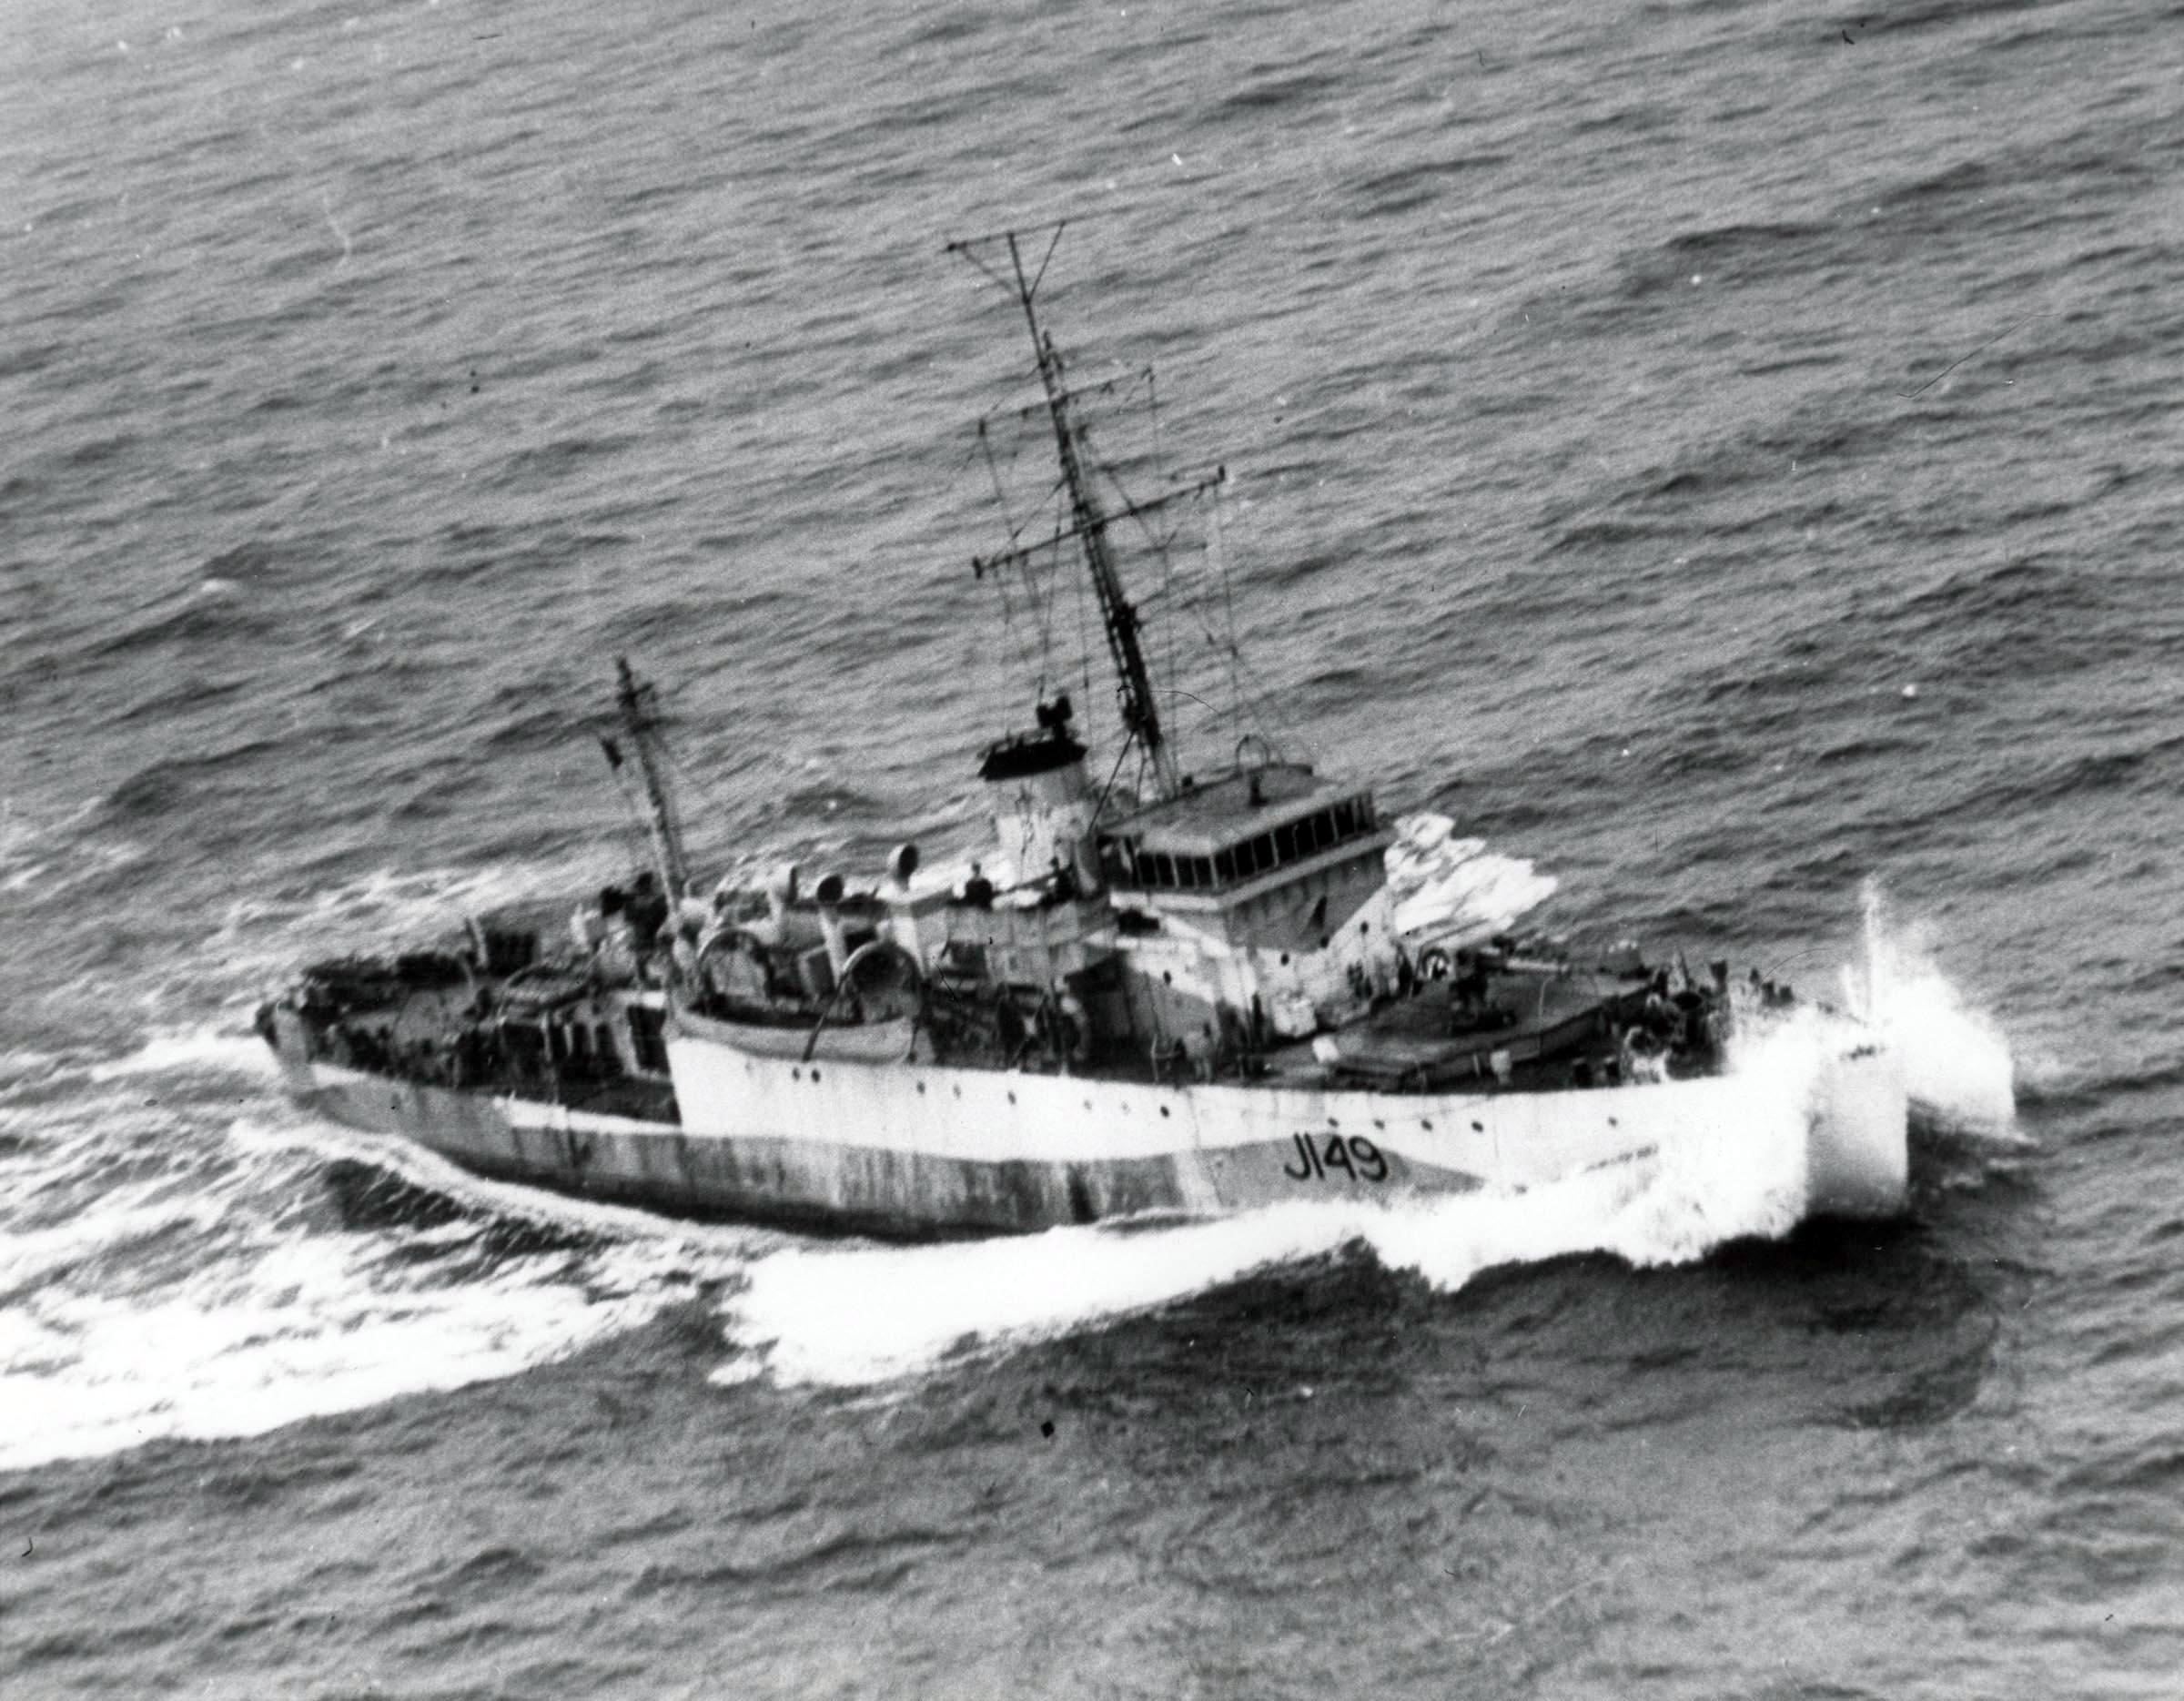 HMCS UNGAVA (1st)